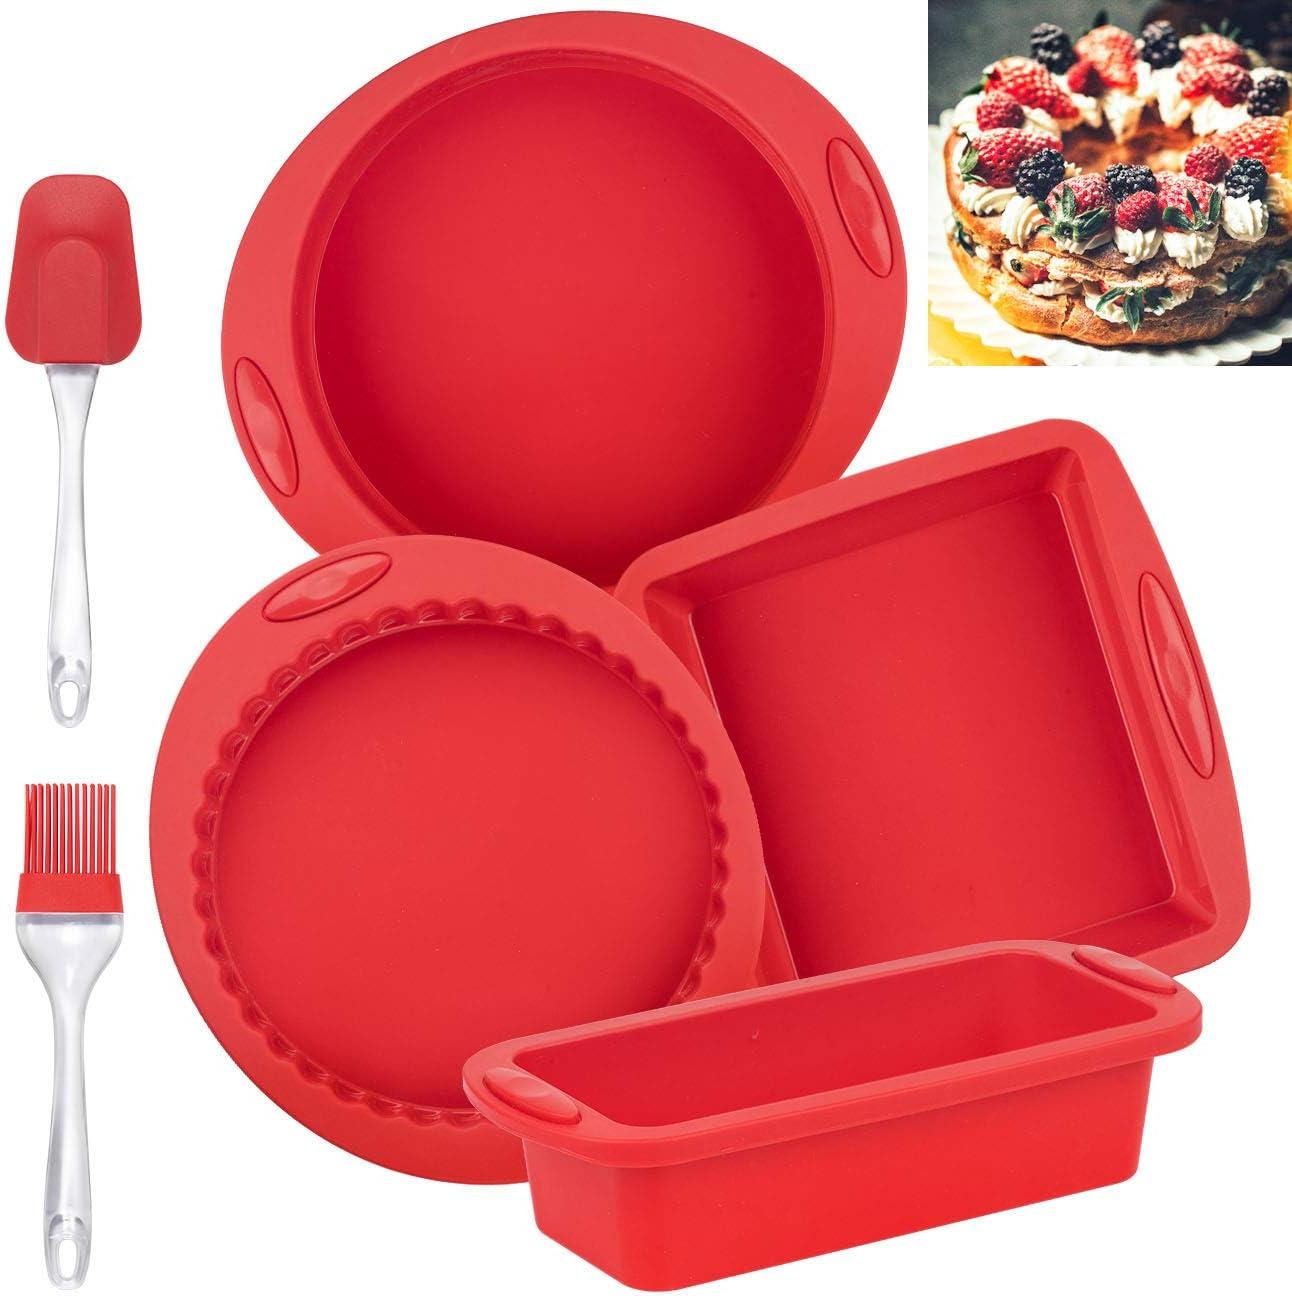 COSYLAND Kastenform Brotbackform Kuchenform Set Silikon für Kuchen und Brote Rot